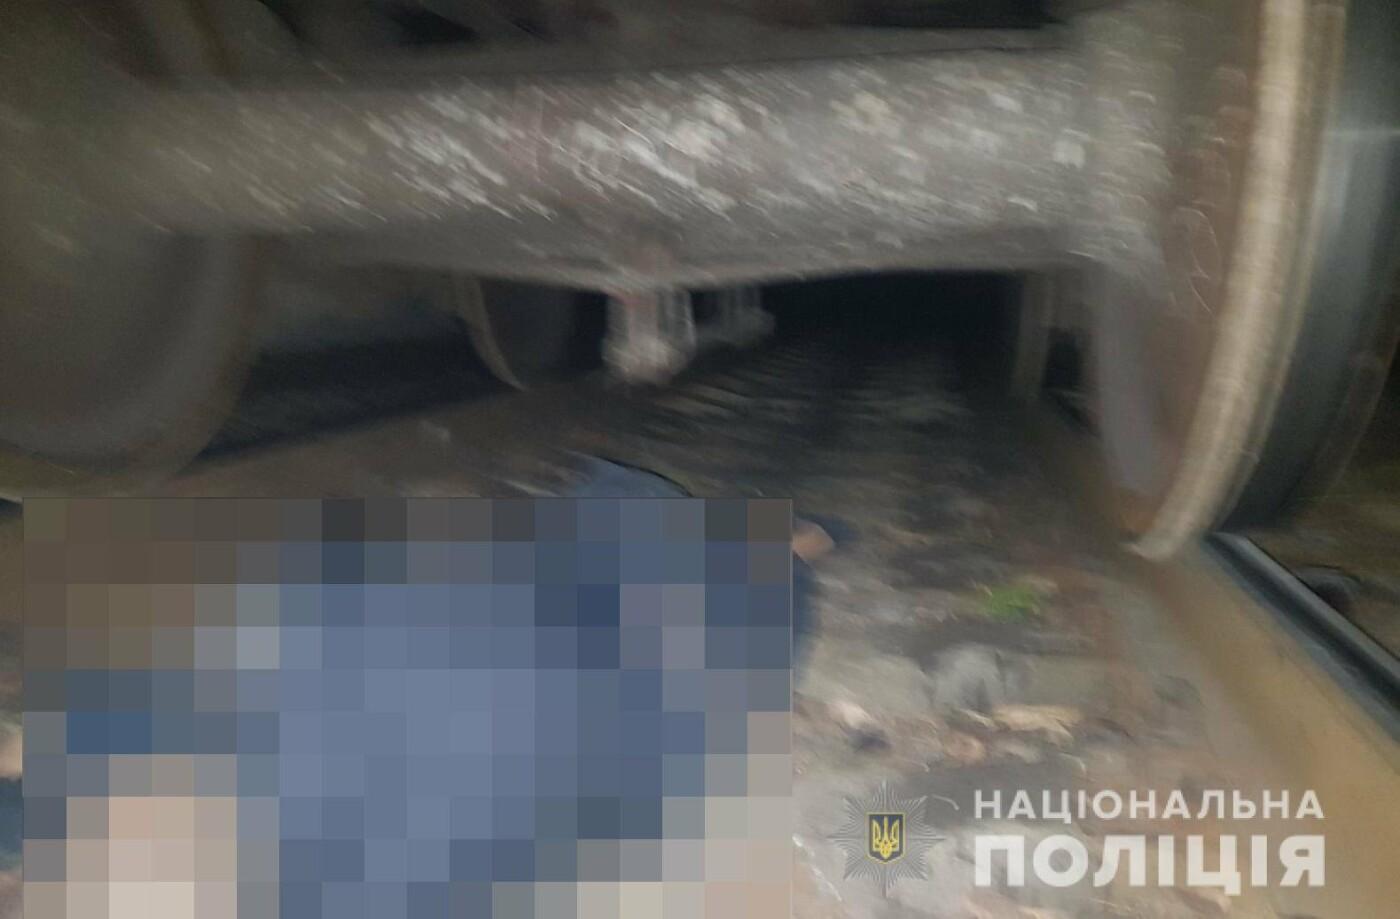 В Дергачах грузовой поезд насмерть сбил мужчину, сидевшего на рельсах, - ФОТО, фото-3